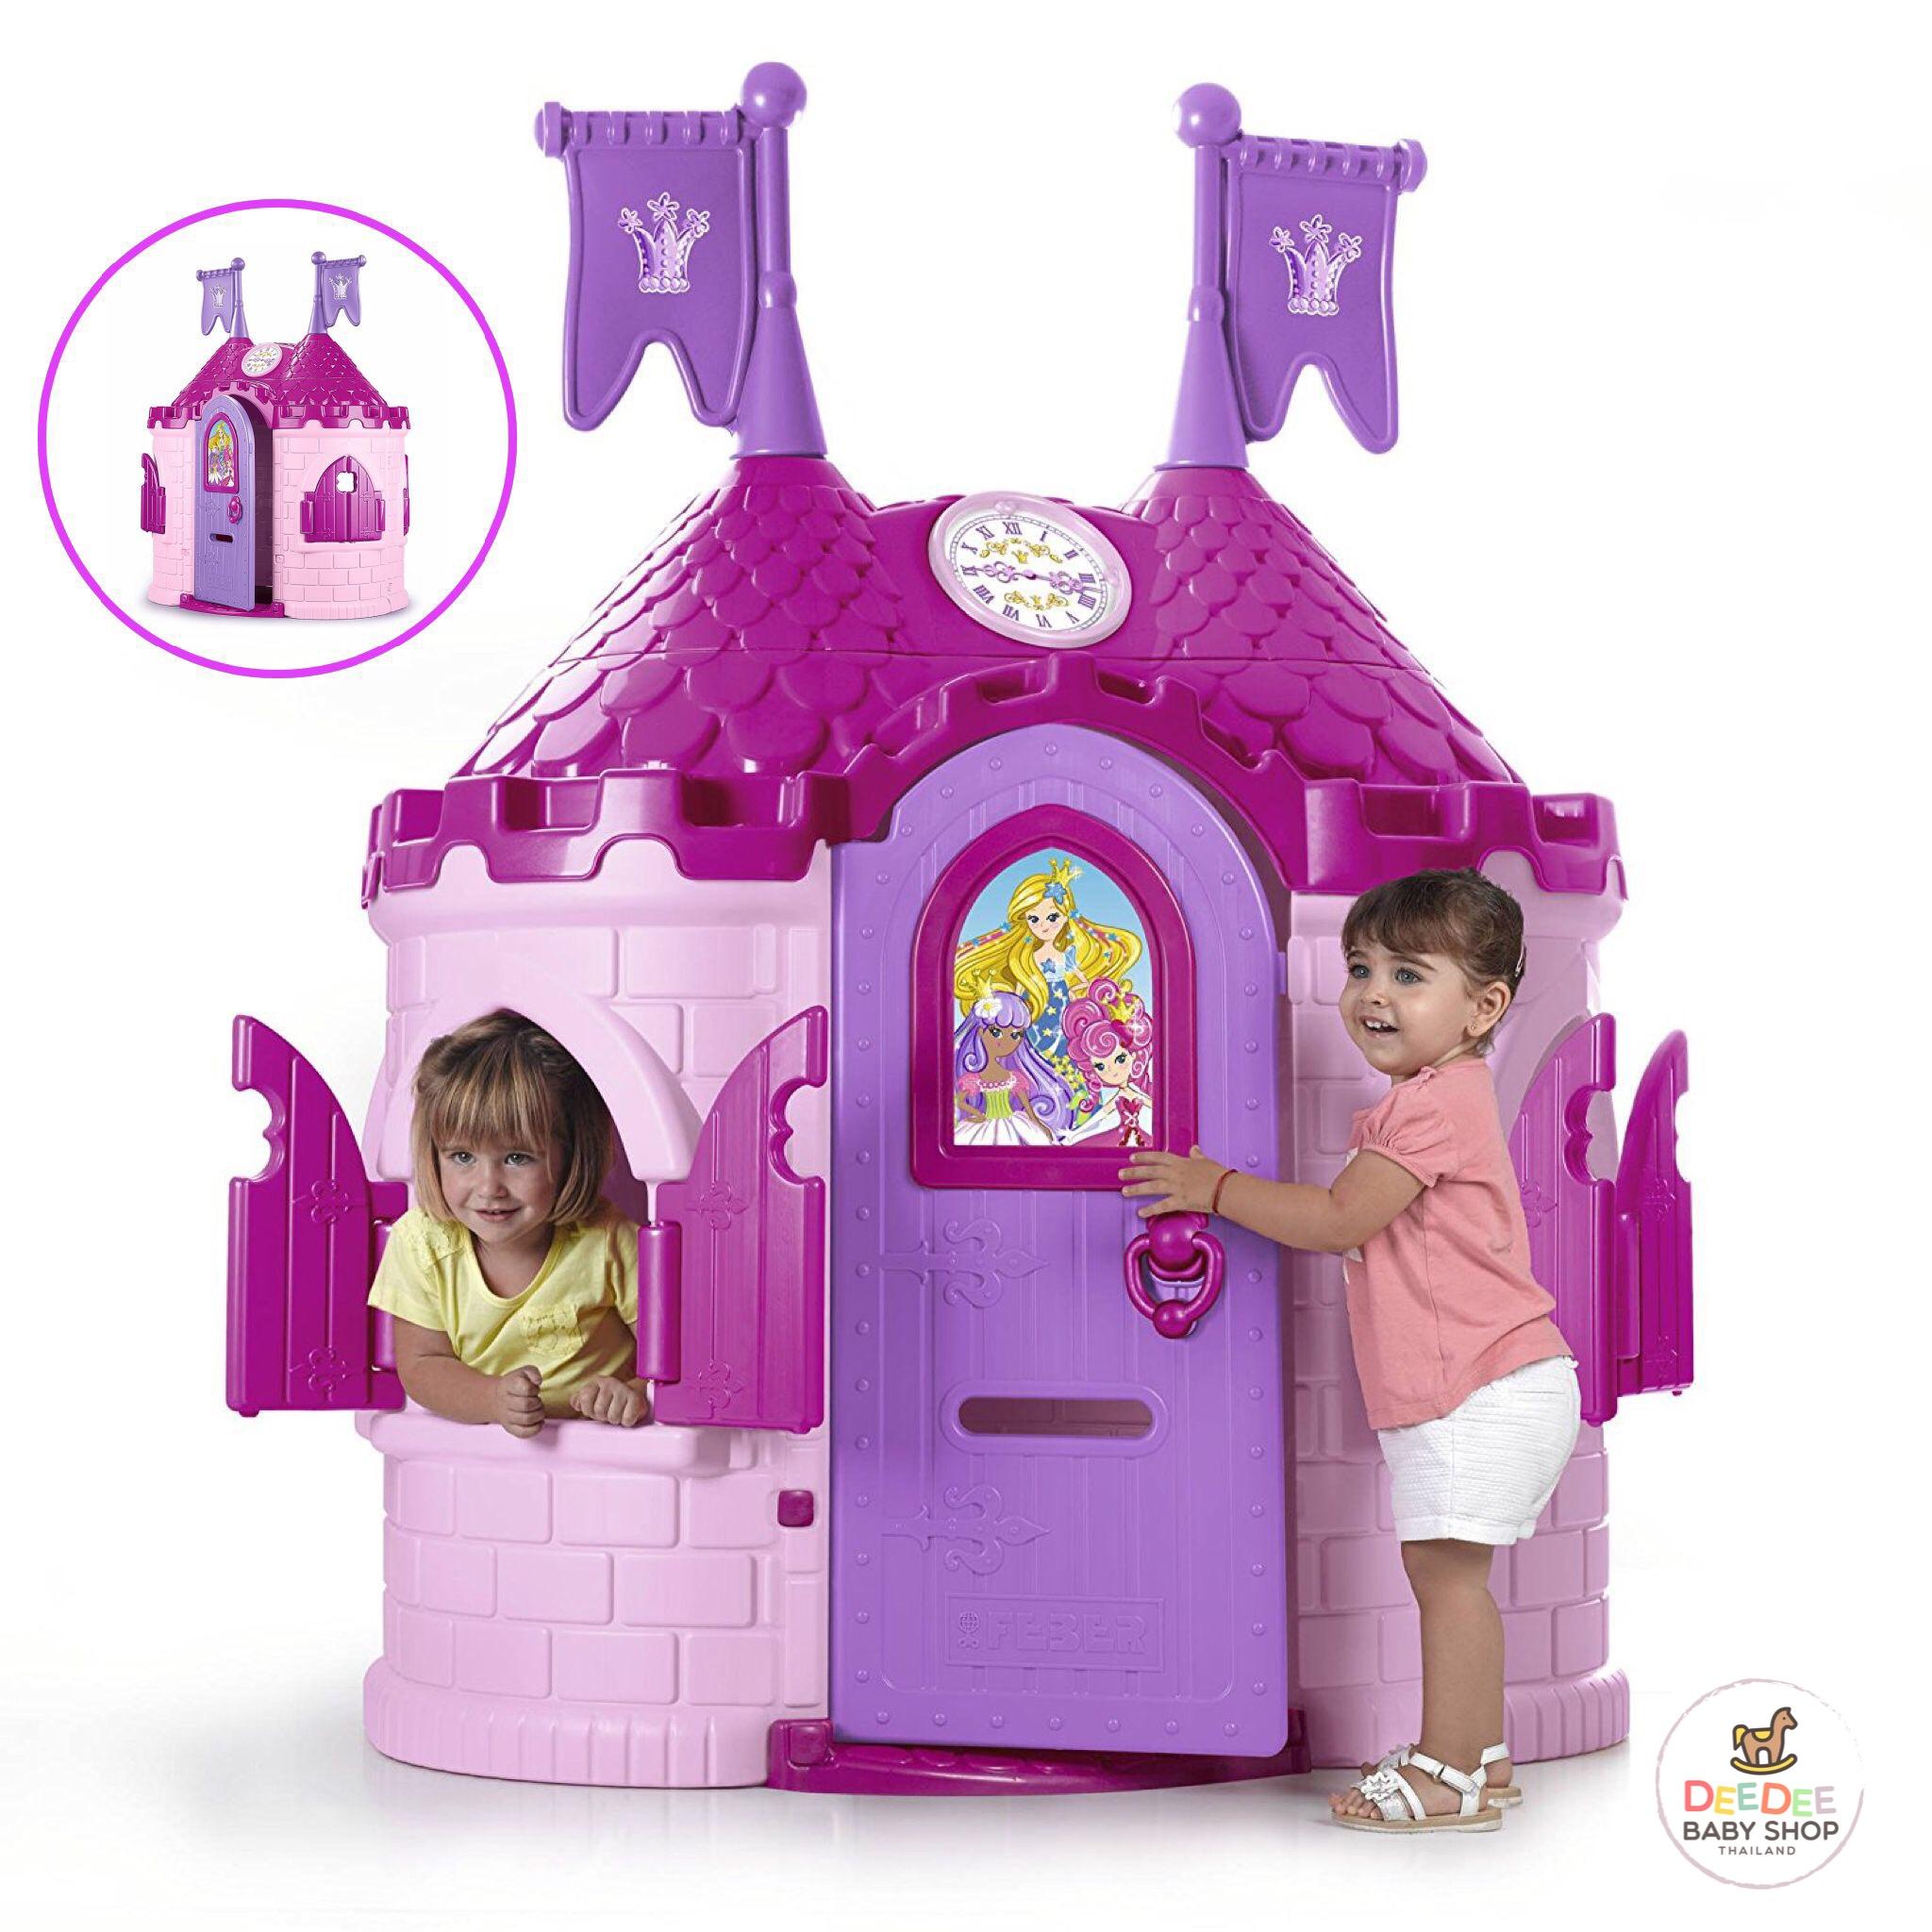 ปราสาทจำลองสำหรับเด็กเล็ก Feber Junior Princess Palace Playhouse